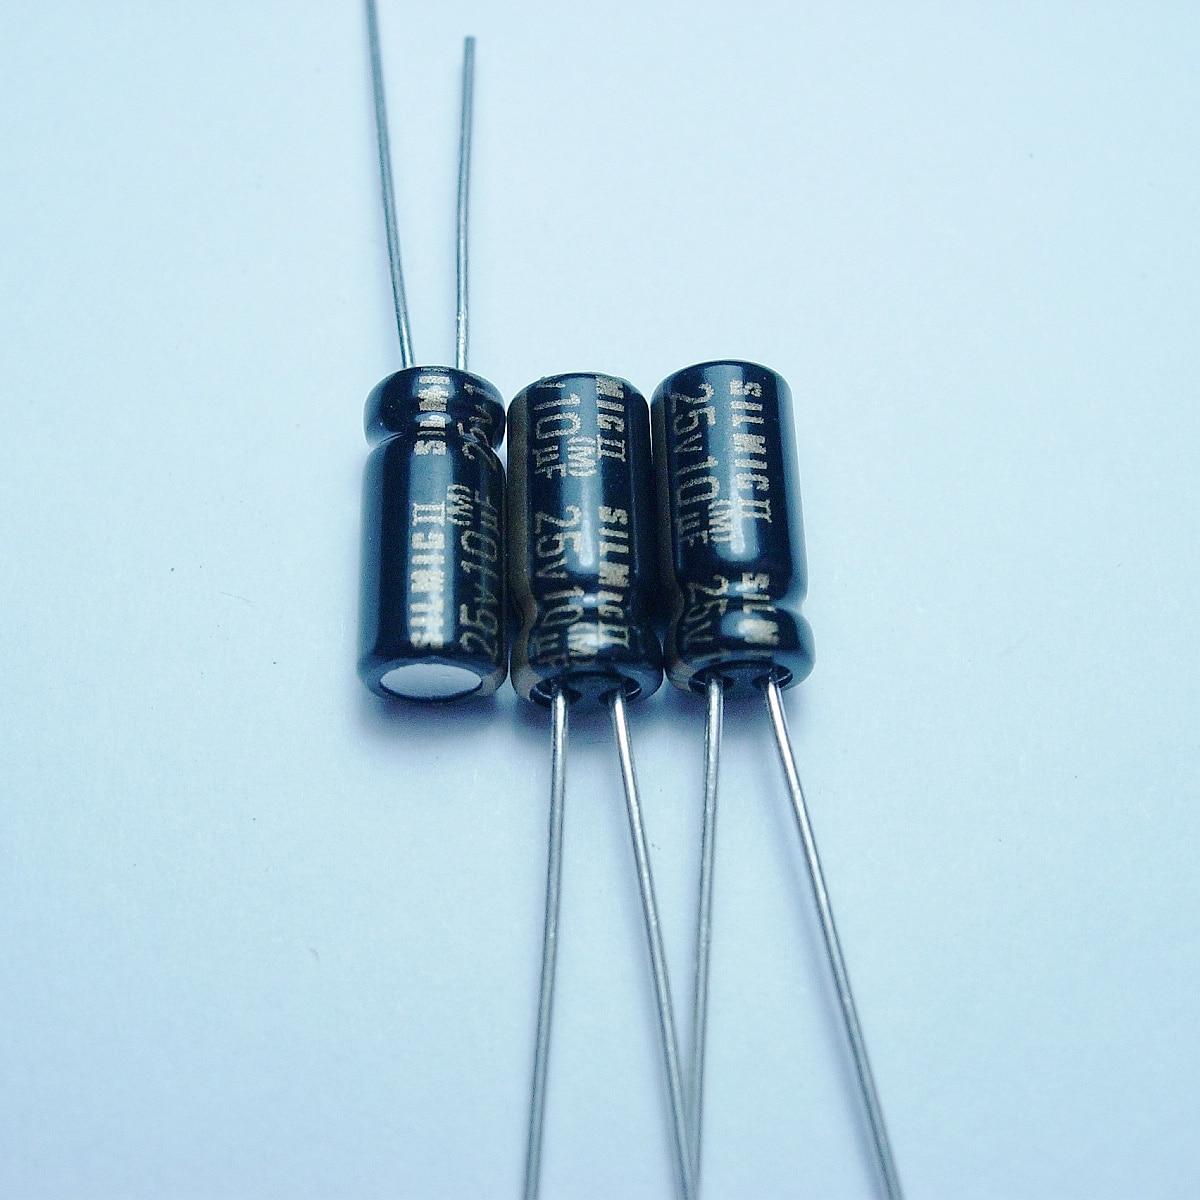 Cobre para Capacitância pé de Áudio Elna Silmcii 25v10uf 5*11 Super Capacitor Capacitores Eletrolíticos Frete Grátis 20 Pçs – 50